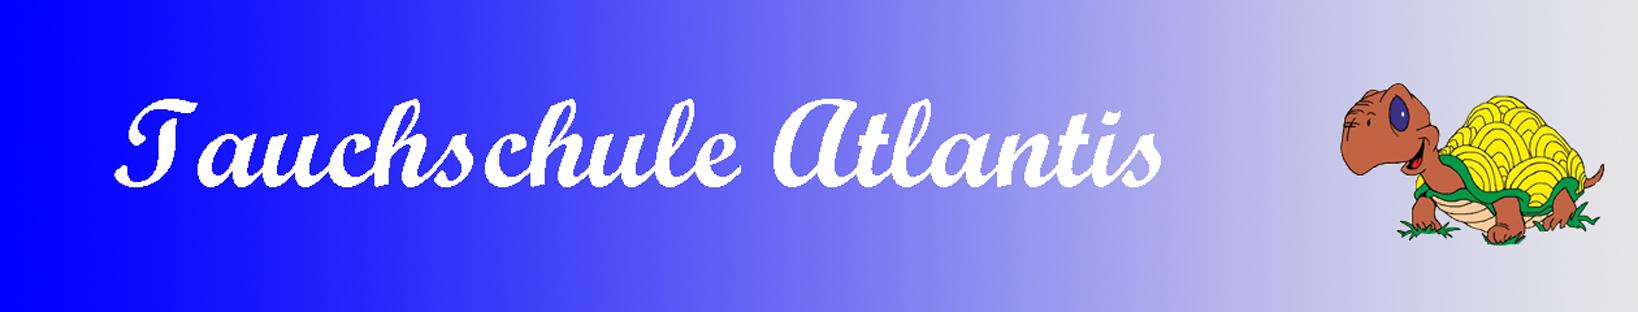 Tauchschule Atlantis